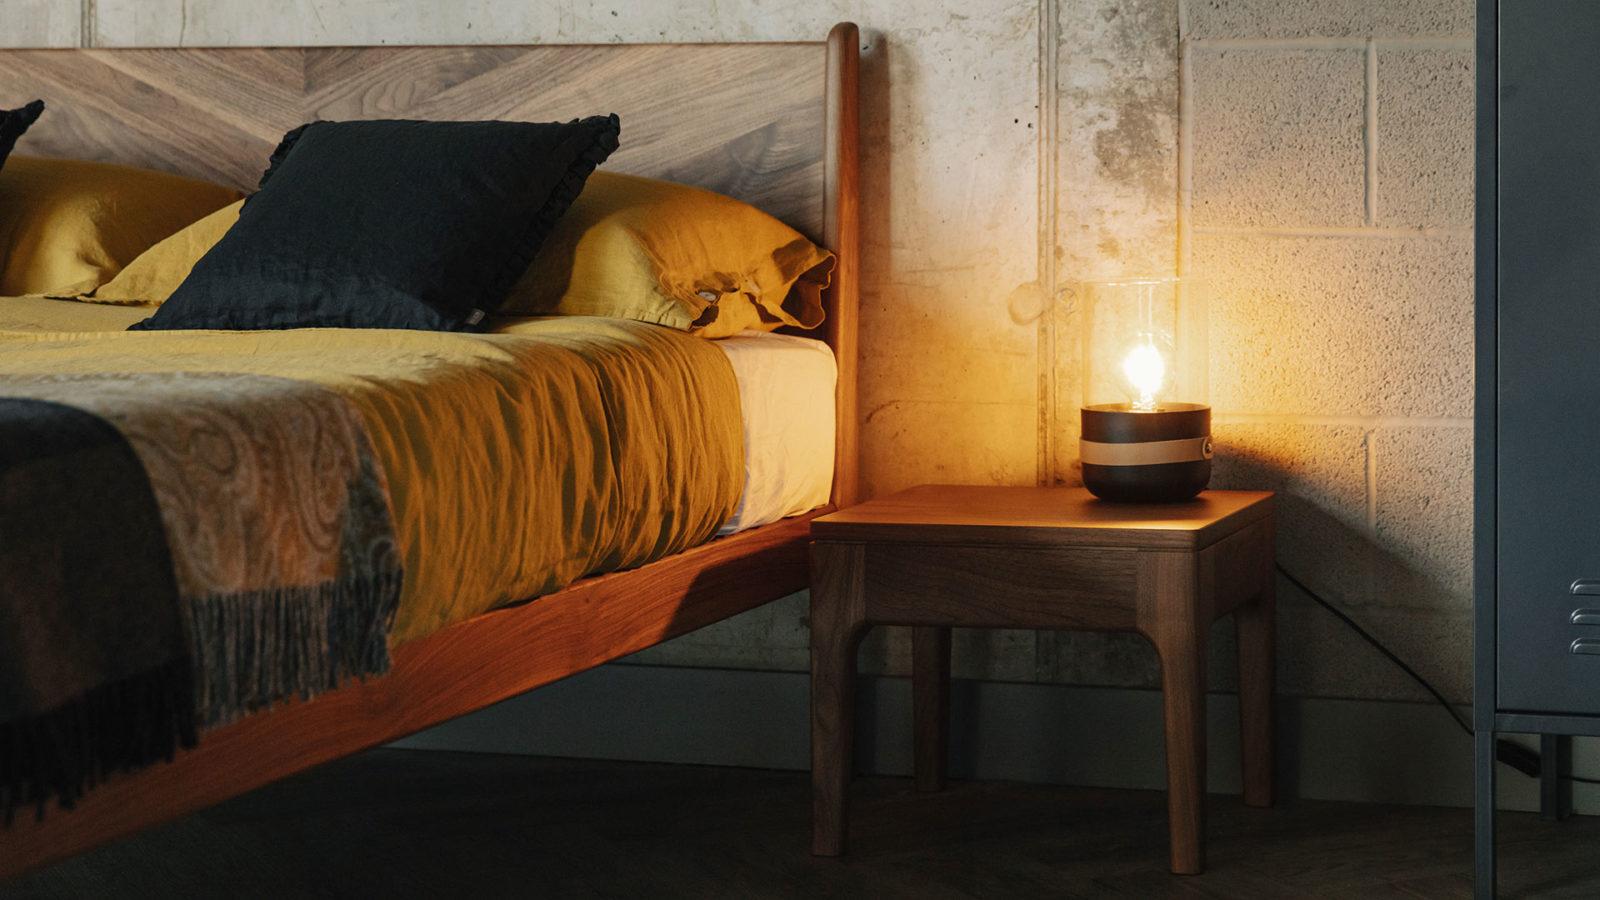 walnut bedside table